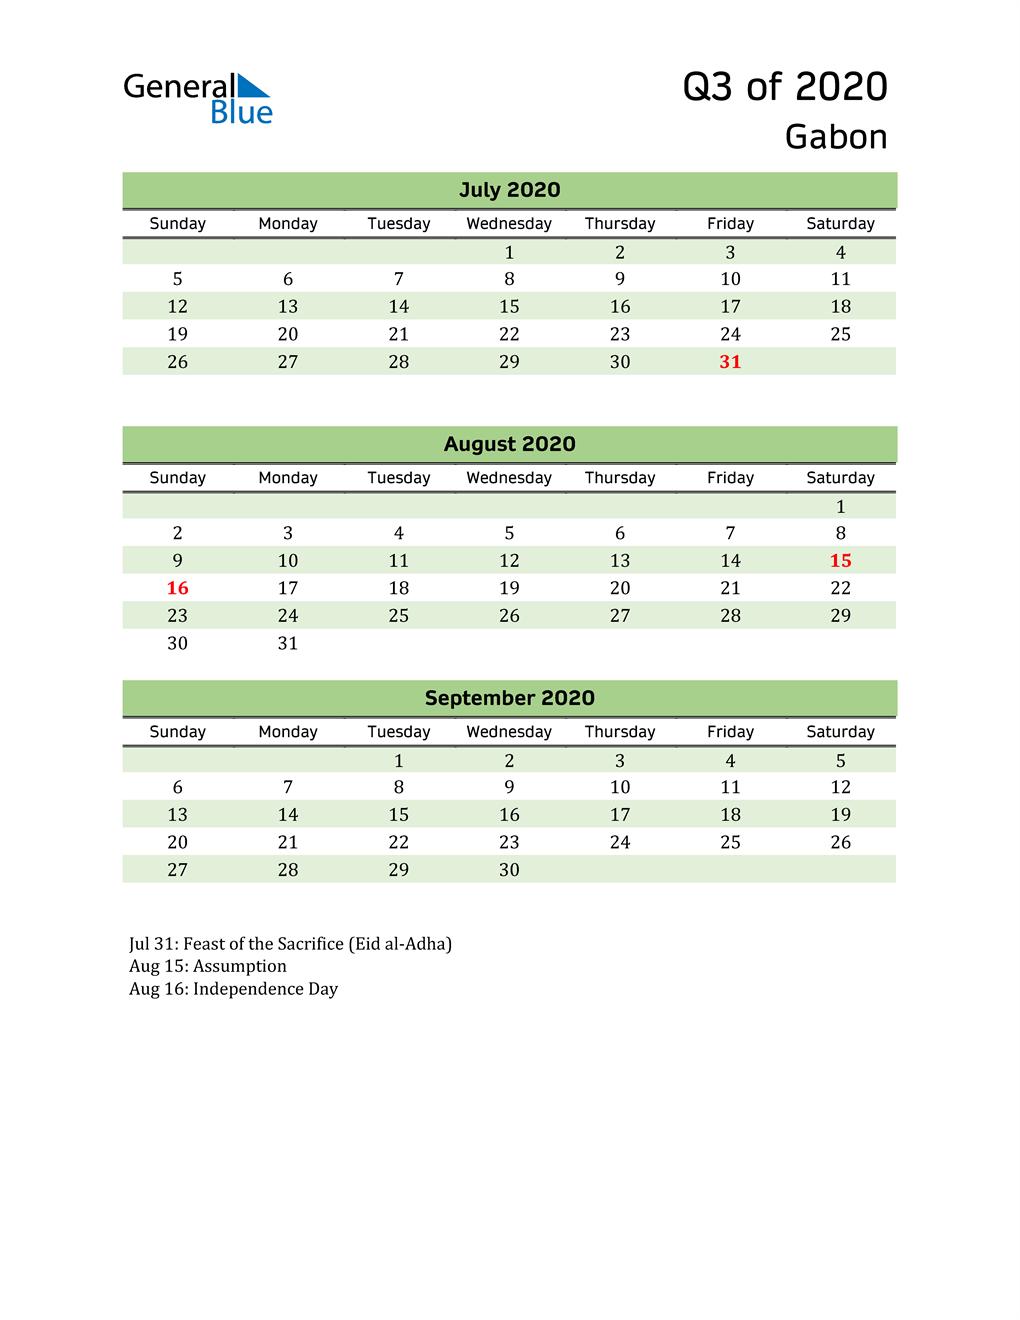 Quarterly Calendar 2020 with Gabon Holidays